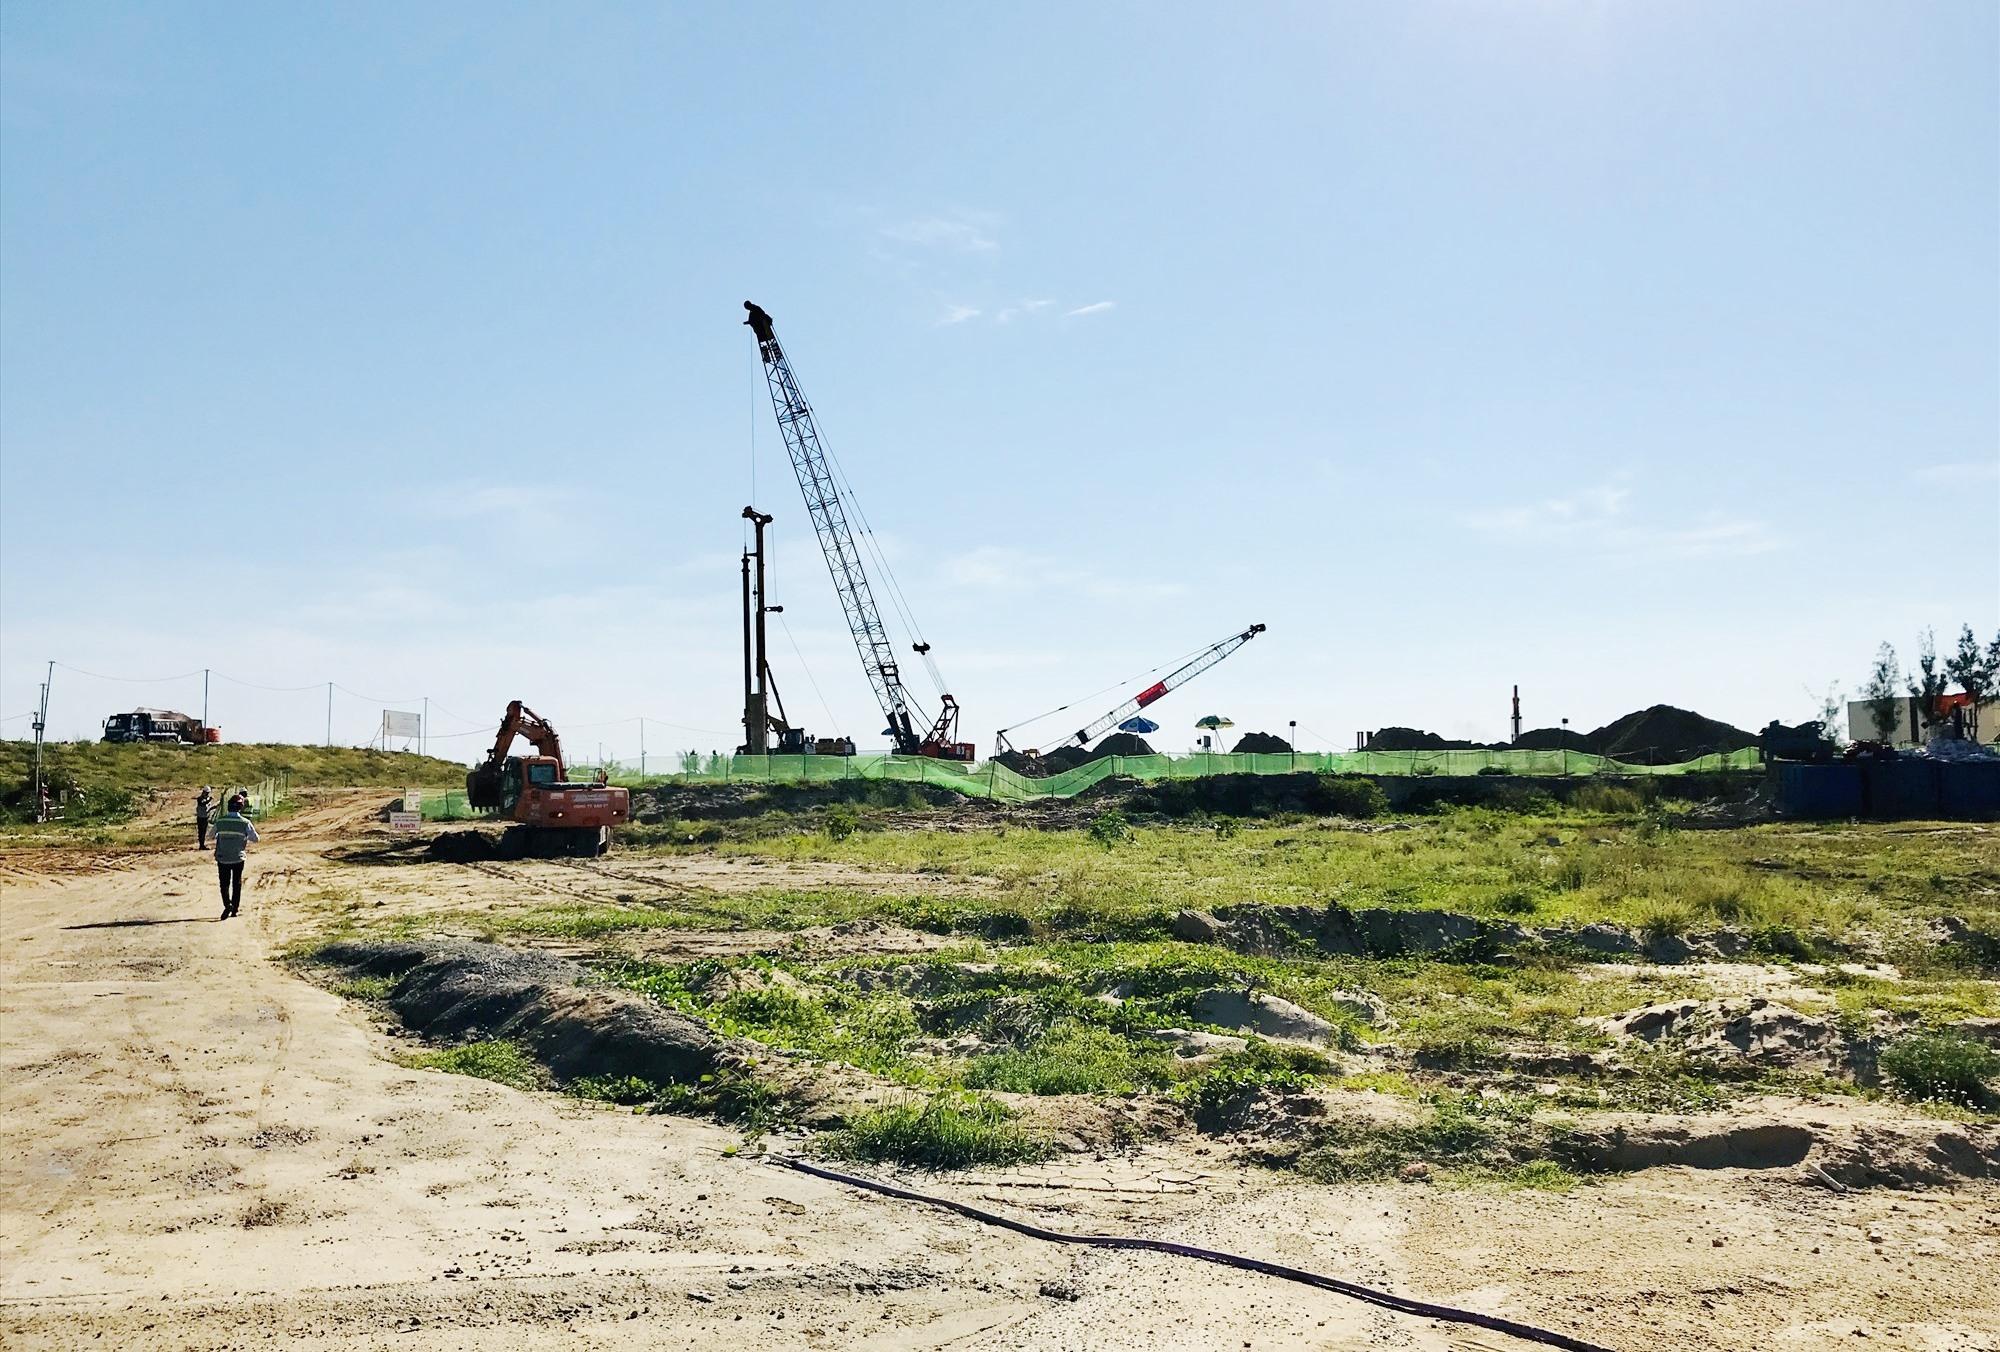 Lãnh đạo tỉnh đề nghị Điện Bàn phải tính toán quy hoạch khu thương mại dịch vụ sầm uất ở khu vực ven biển để tạo sự khác biệt nhằm thu hút khách du lịch. Ảnh: Q.T